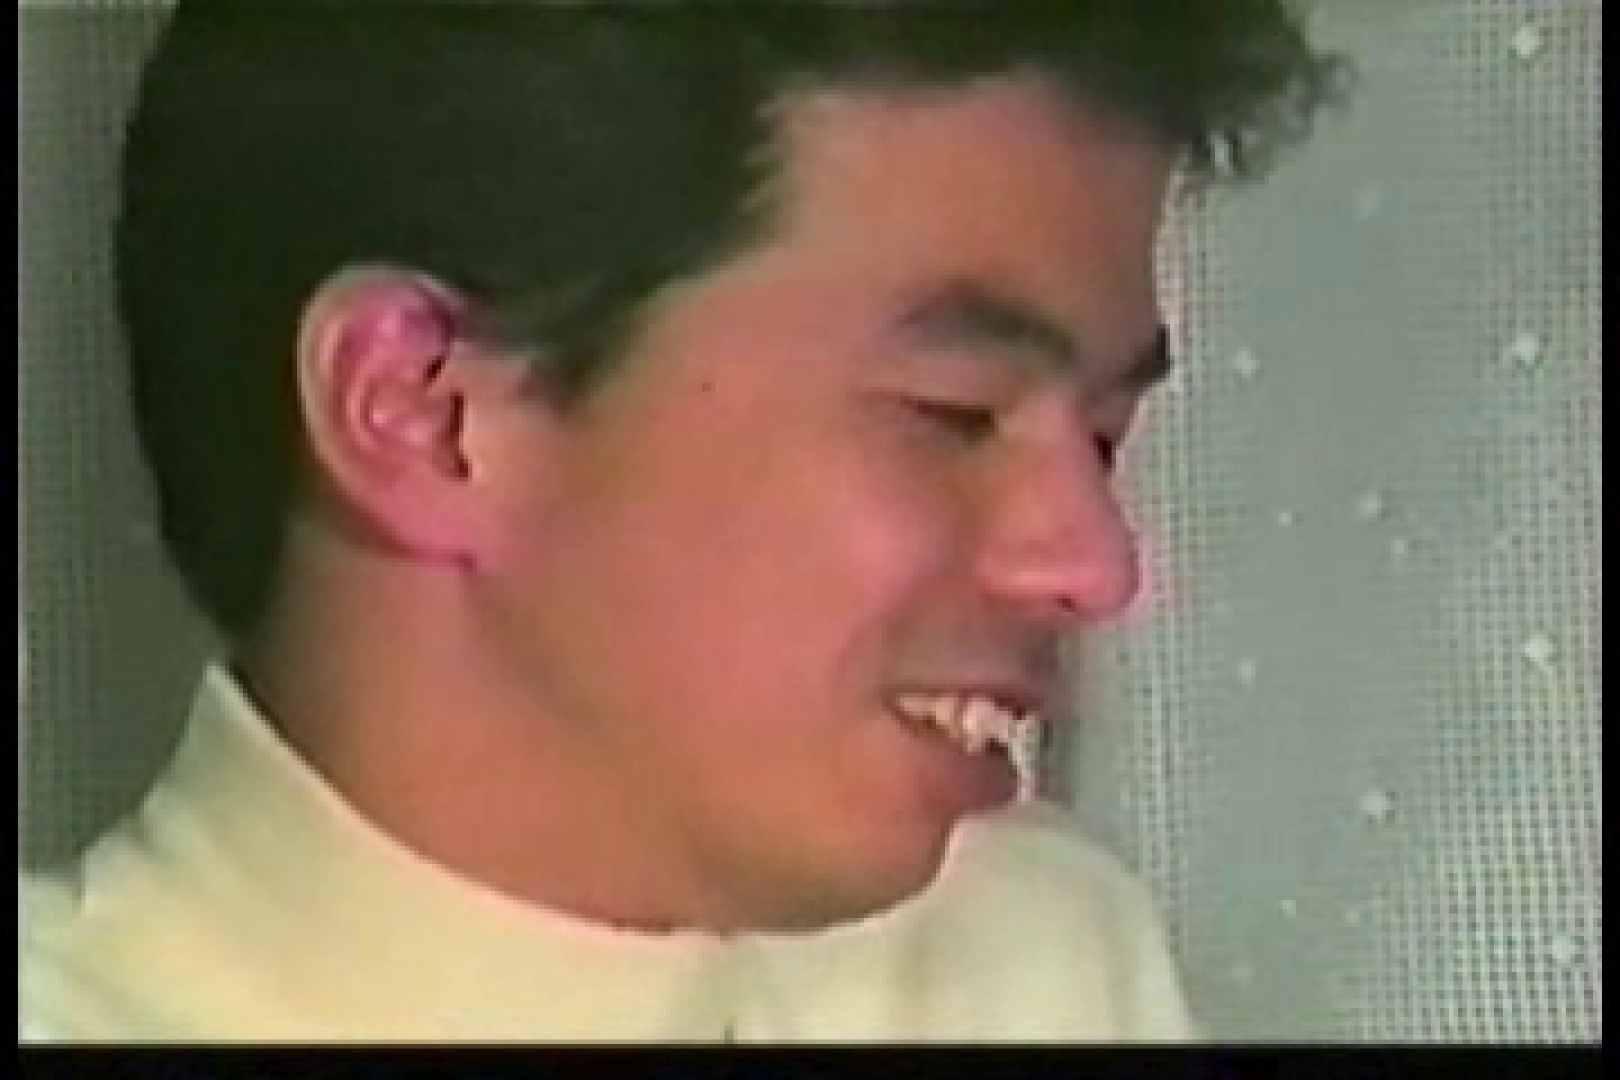 【流出投稿】若きあの頃の思ひでSEX! キスするメンズ ゲイSEX画像 94画像 3